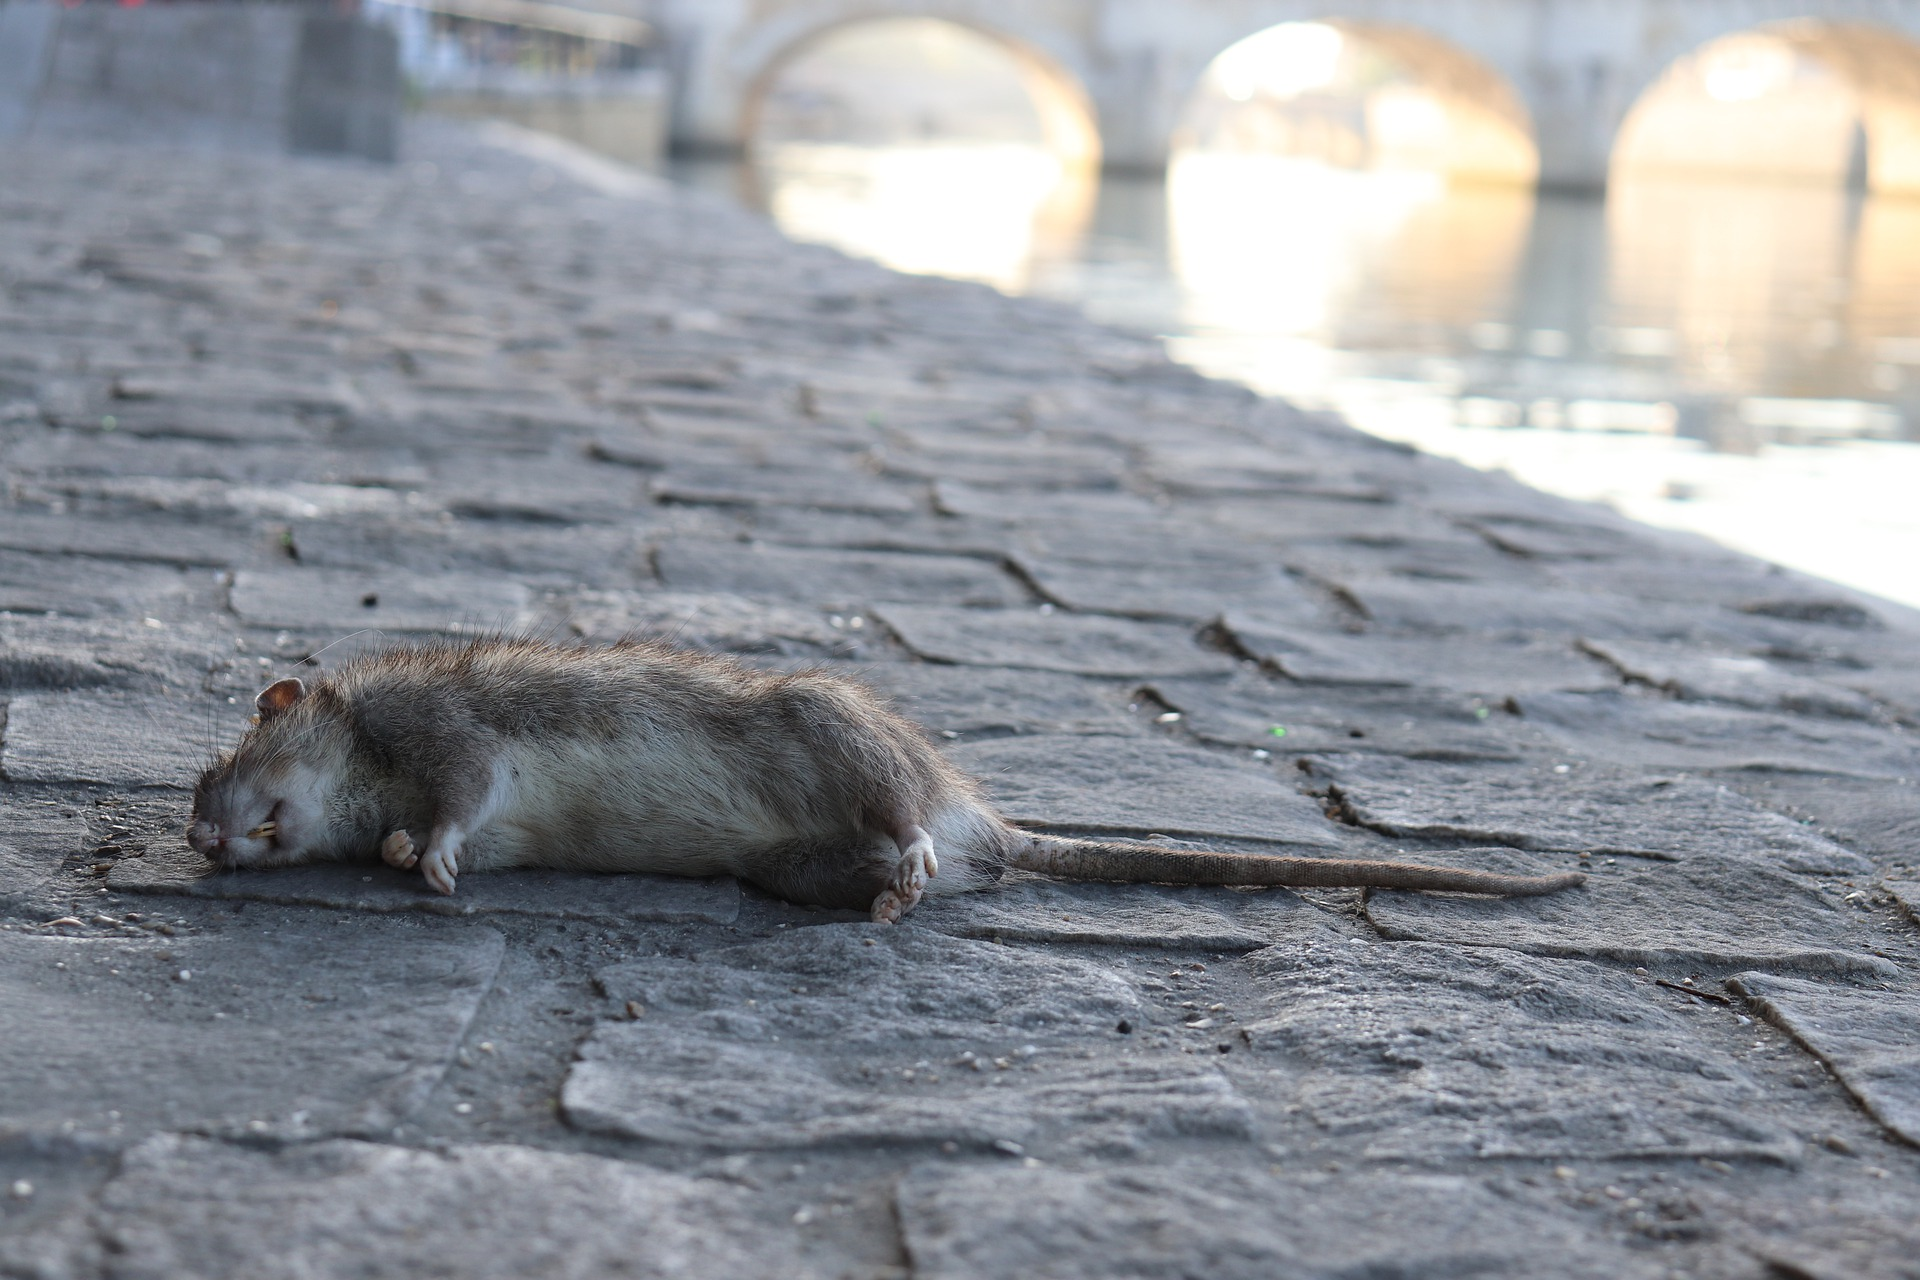 Dératisation : Acide Chlorhydrique Contre Les Rats